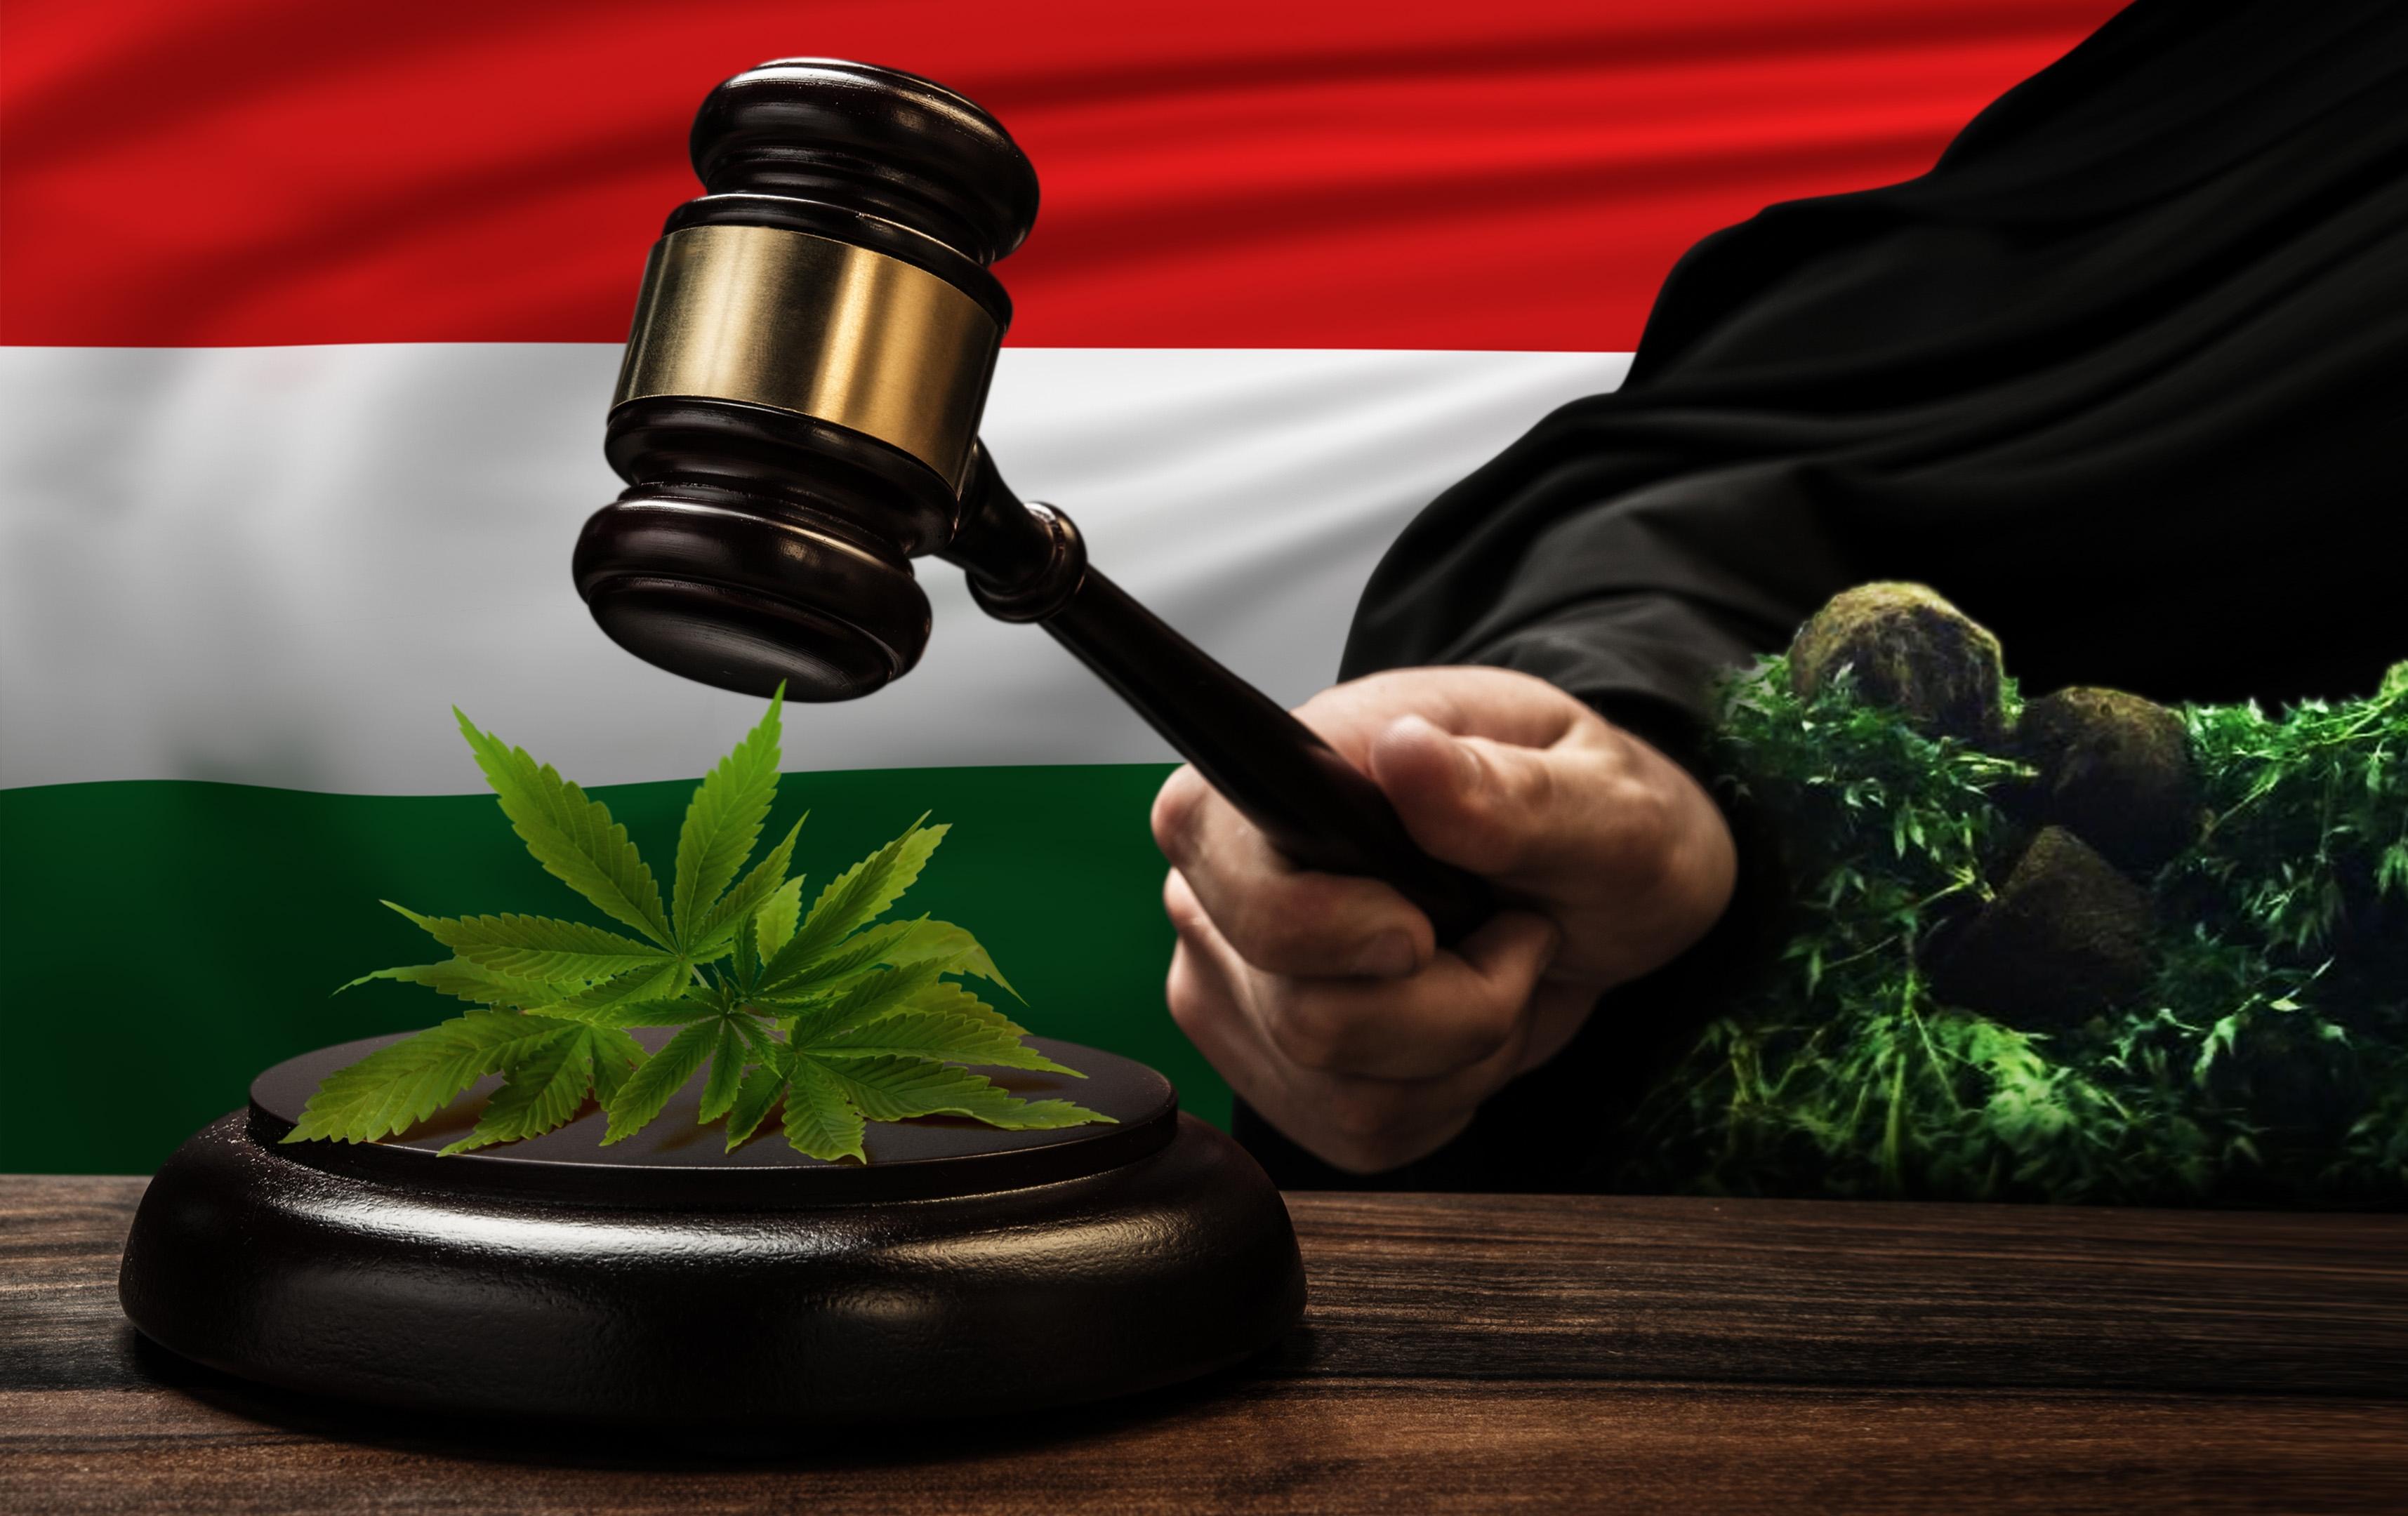 выращивание марихуаны, конопля, марихуана,